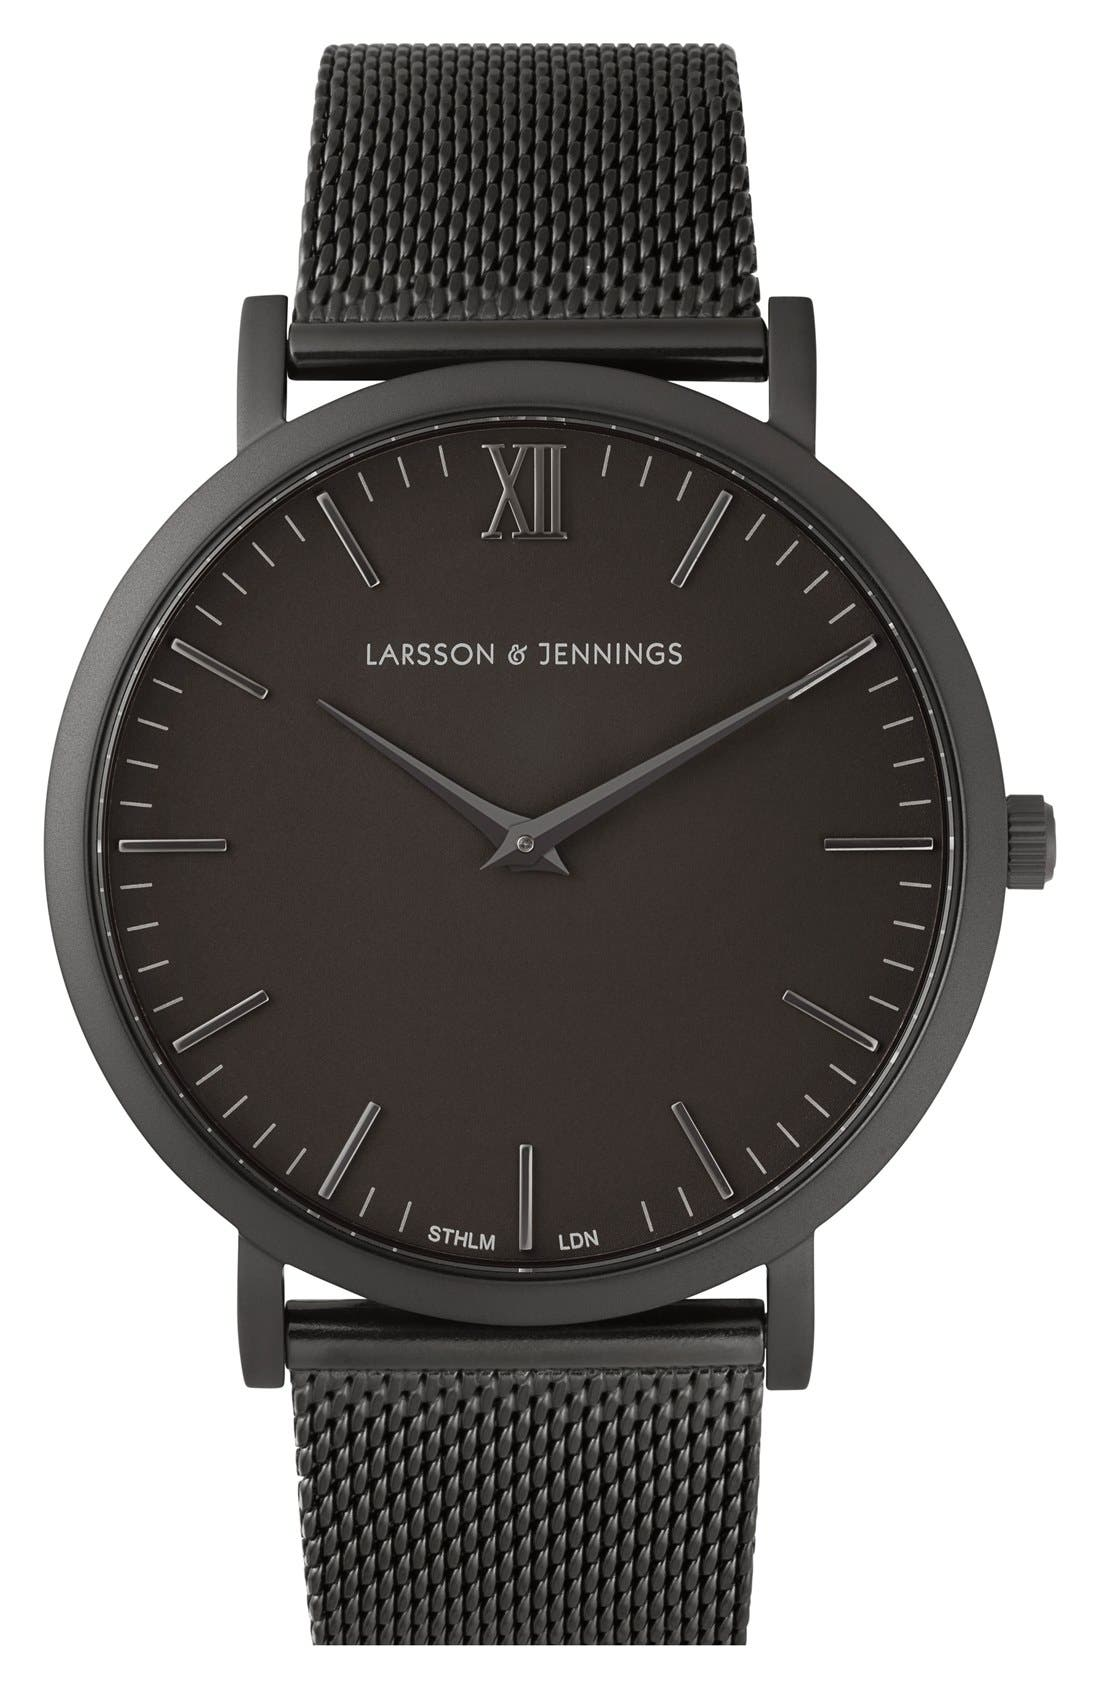 LARSSON & JENNINGS Lugano Mesh Strap Watch, 40mm